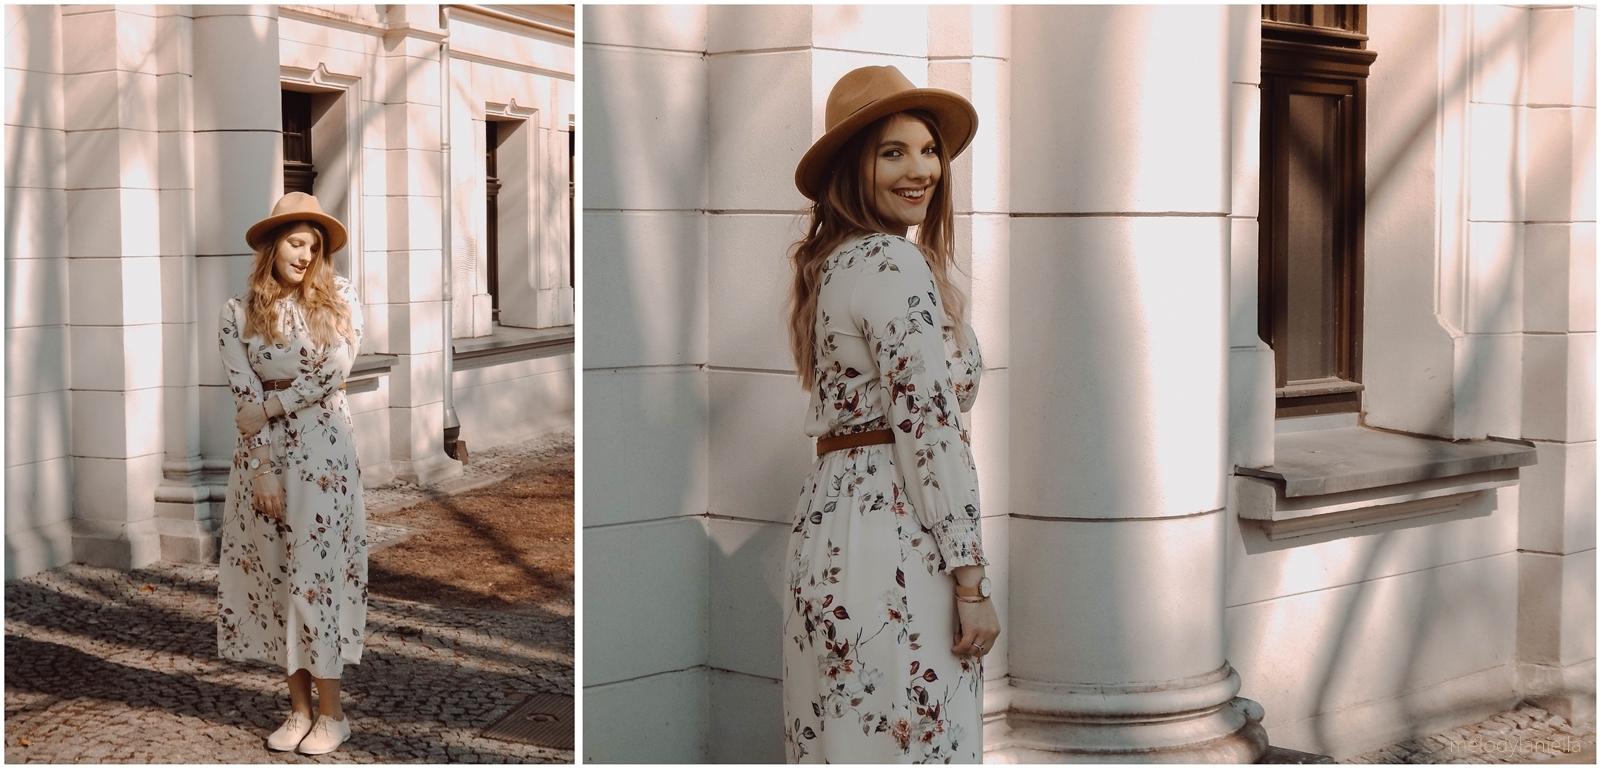 9a sukienka boho łódź miejsca ciekawe blog fashion answear sukienka ceny buty dodatki